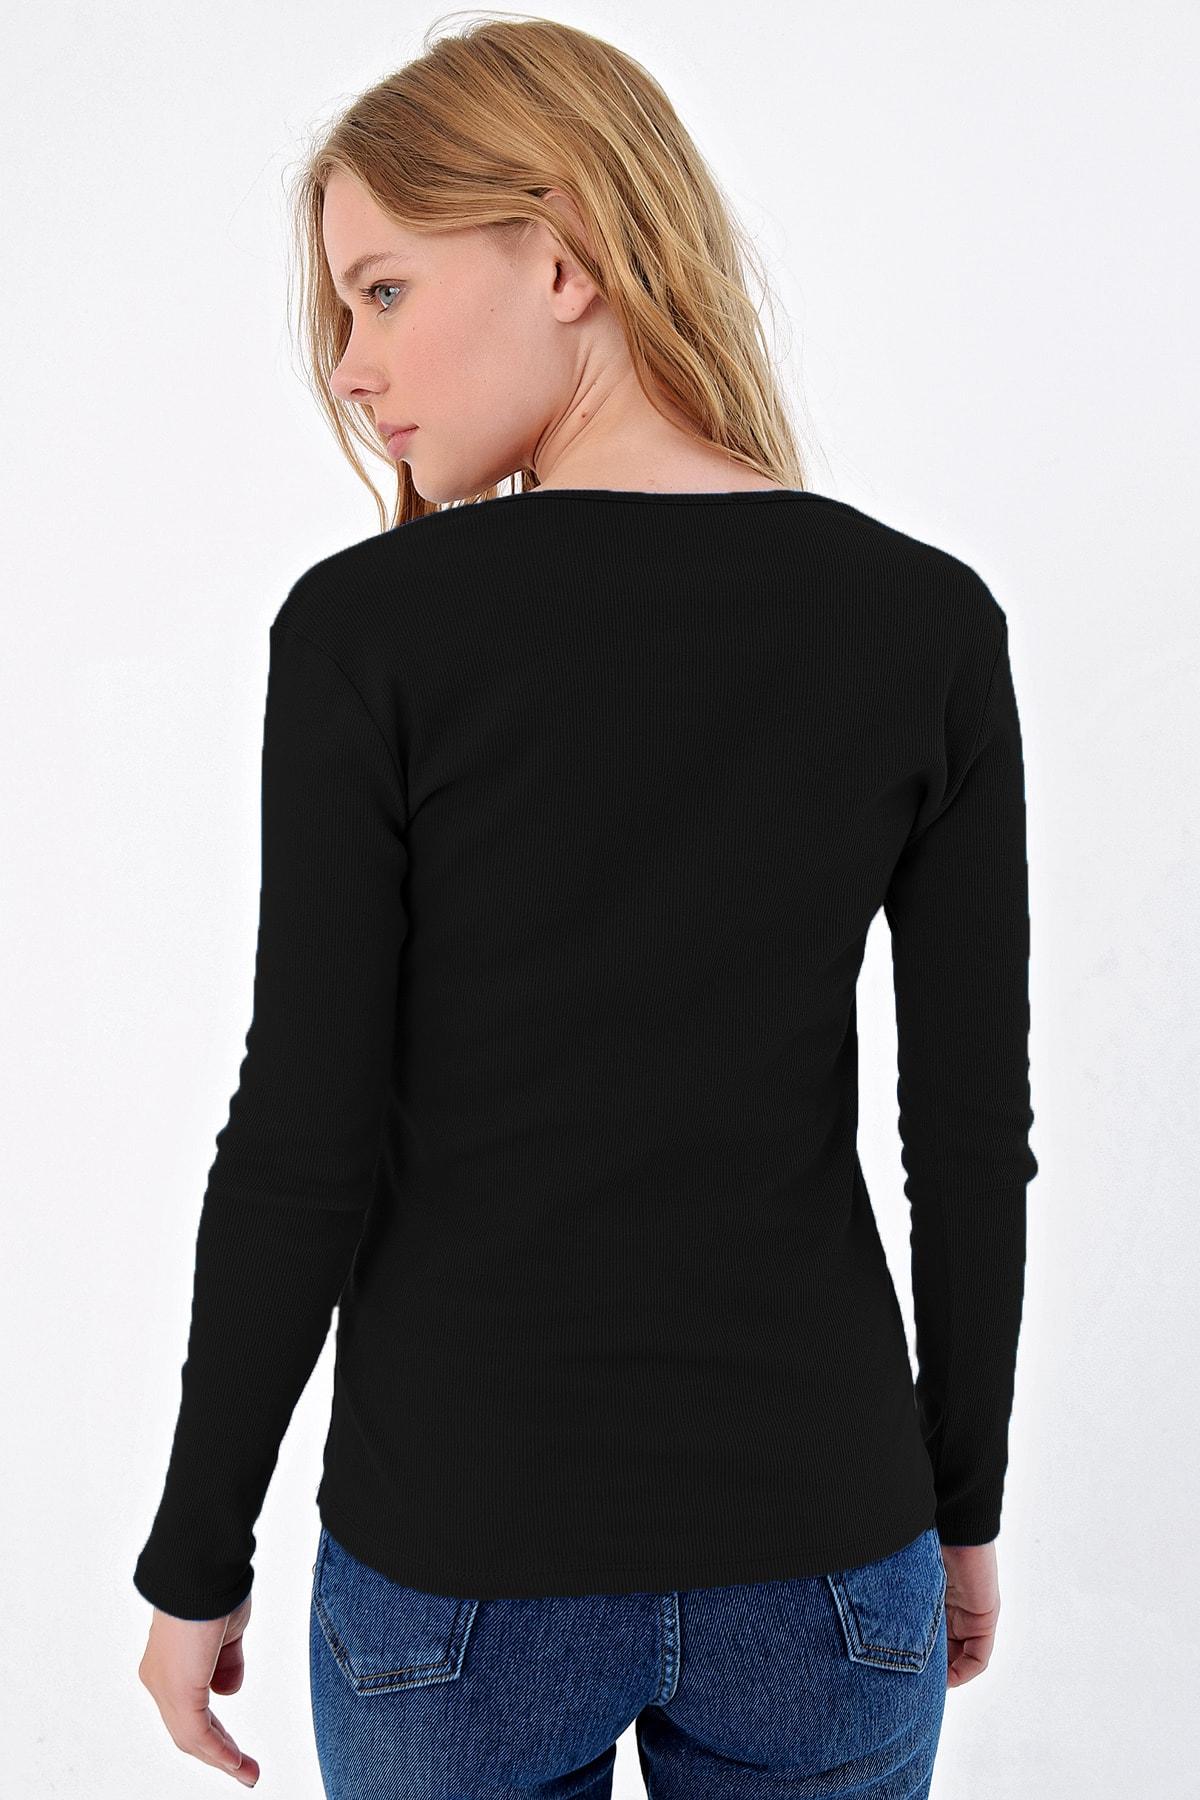 Trend Alaçatı Stili Kadın Siyah Çıtçıtlı Kaşkorse Bluz MDS-345-BLZ 2